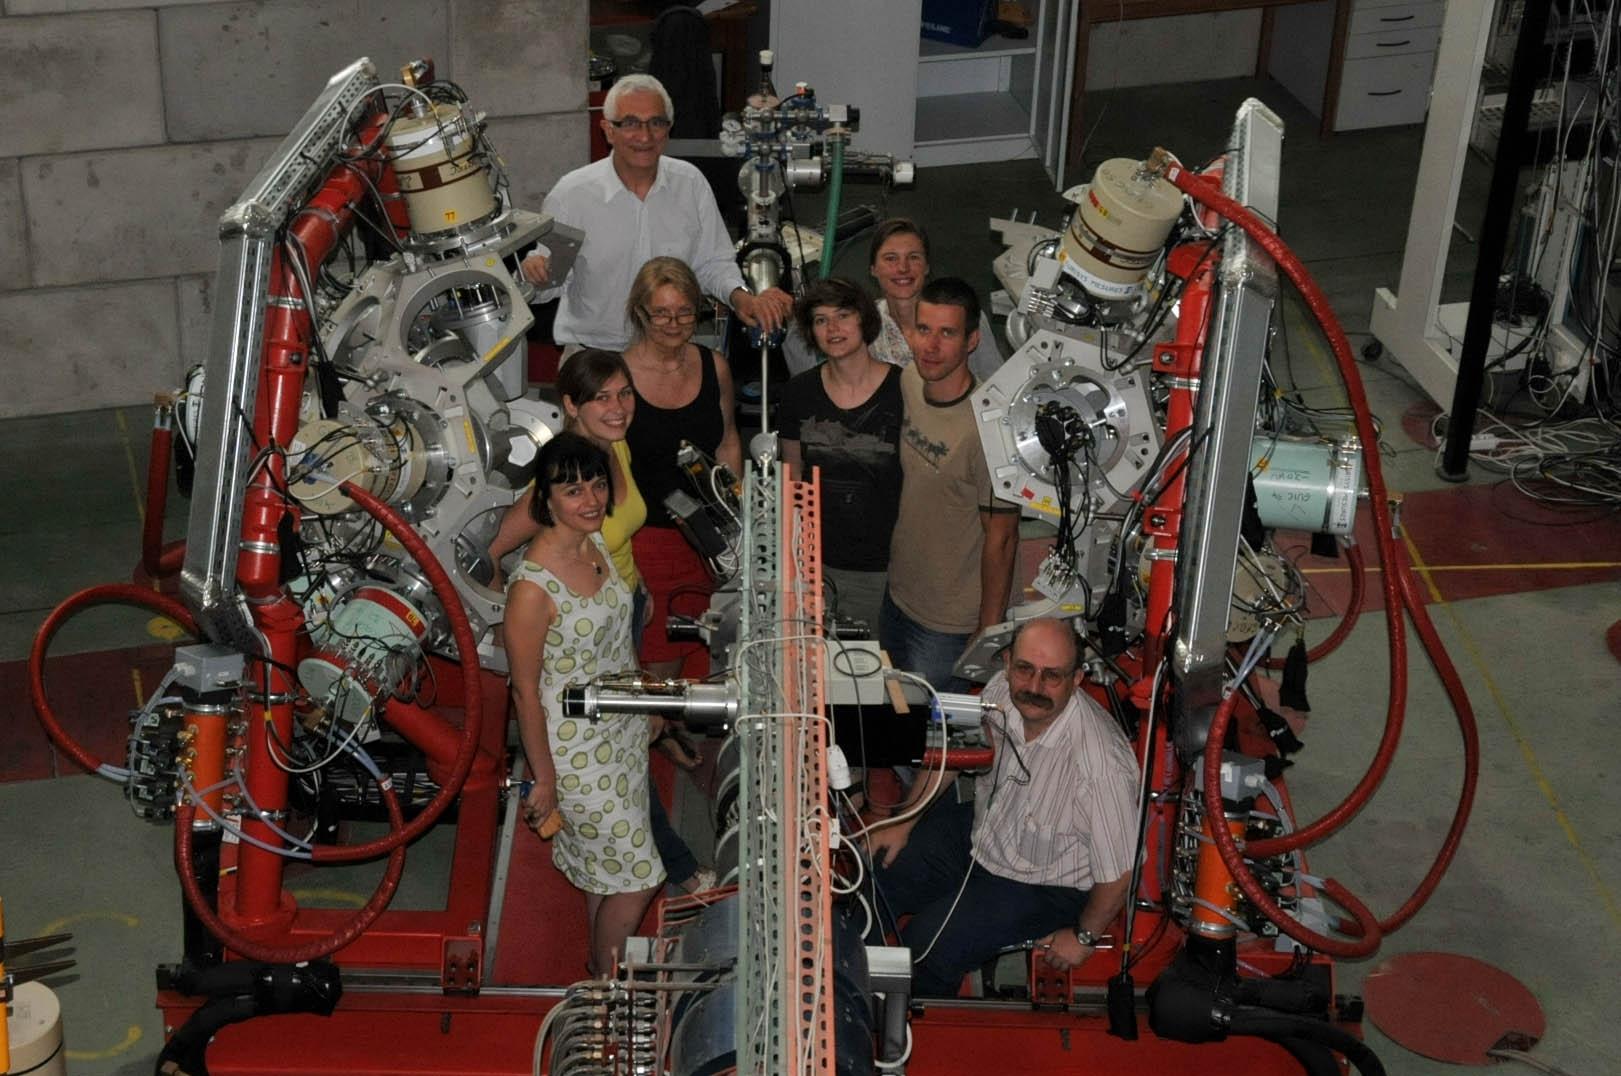 W Środowiskowym Laboratorium Ciężkich Jonów Uniwersytetu Warszawskiego uruchomiono najbardziej zaawansowany polski spektrometr promieniowania gamma. Na zdjęciu grupa warszawskich naukowców z projektu EAGLE między rozsuniętymi połówkami spektrometru. (Źródło: ŚLCJ UW)